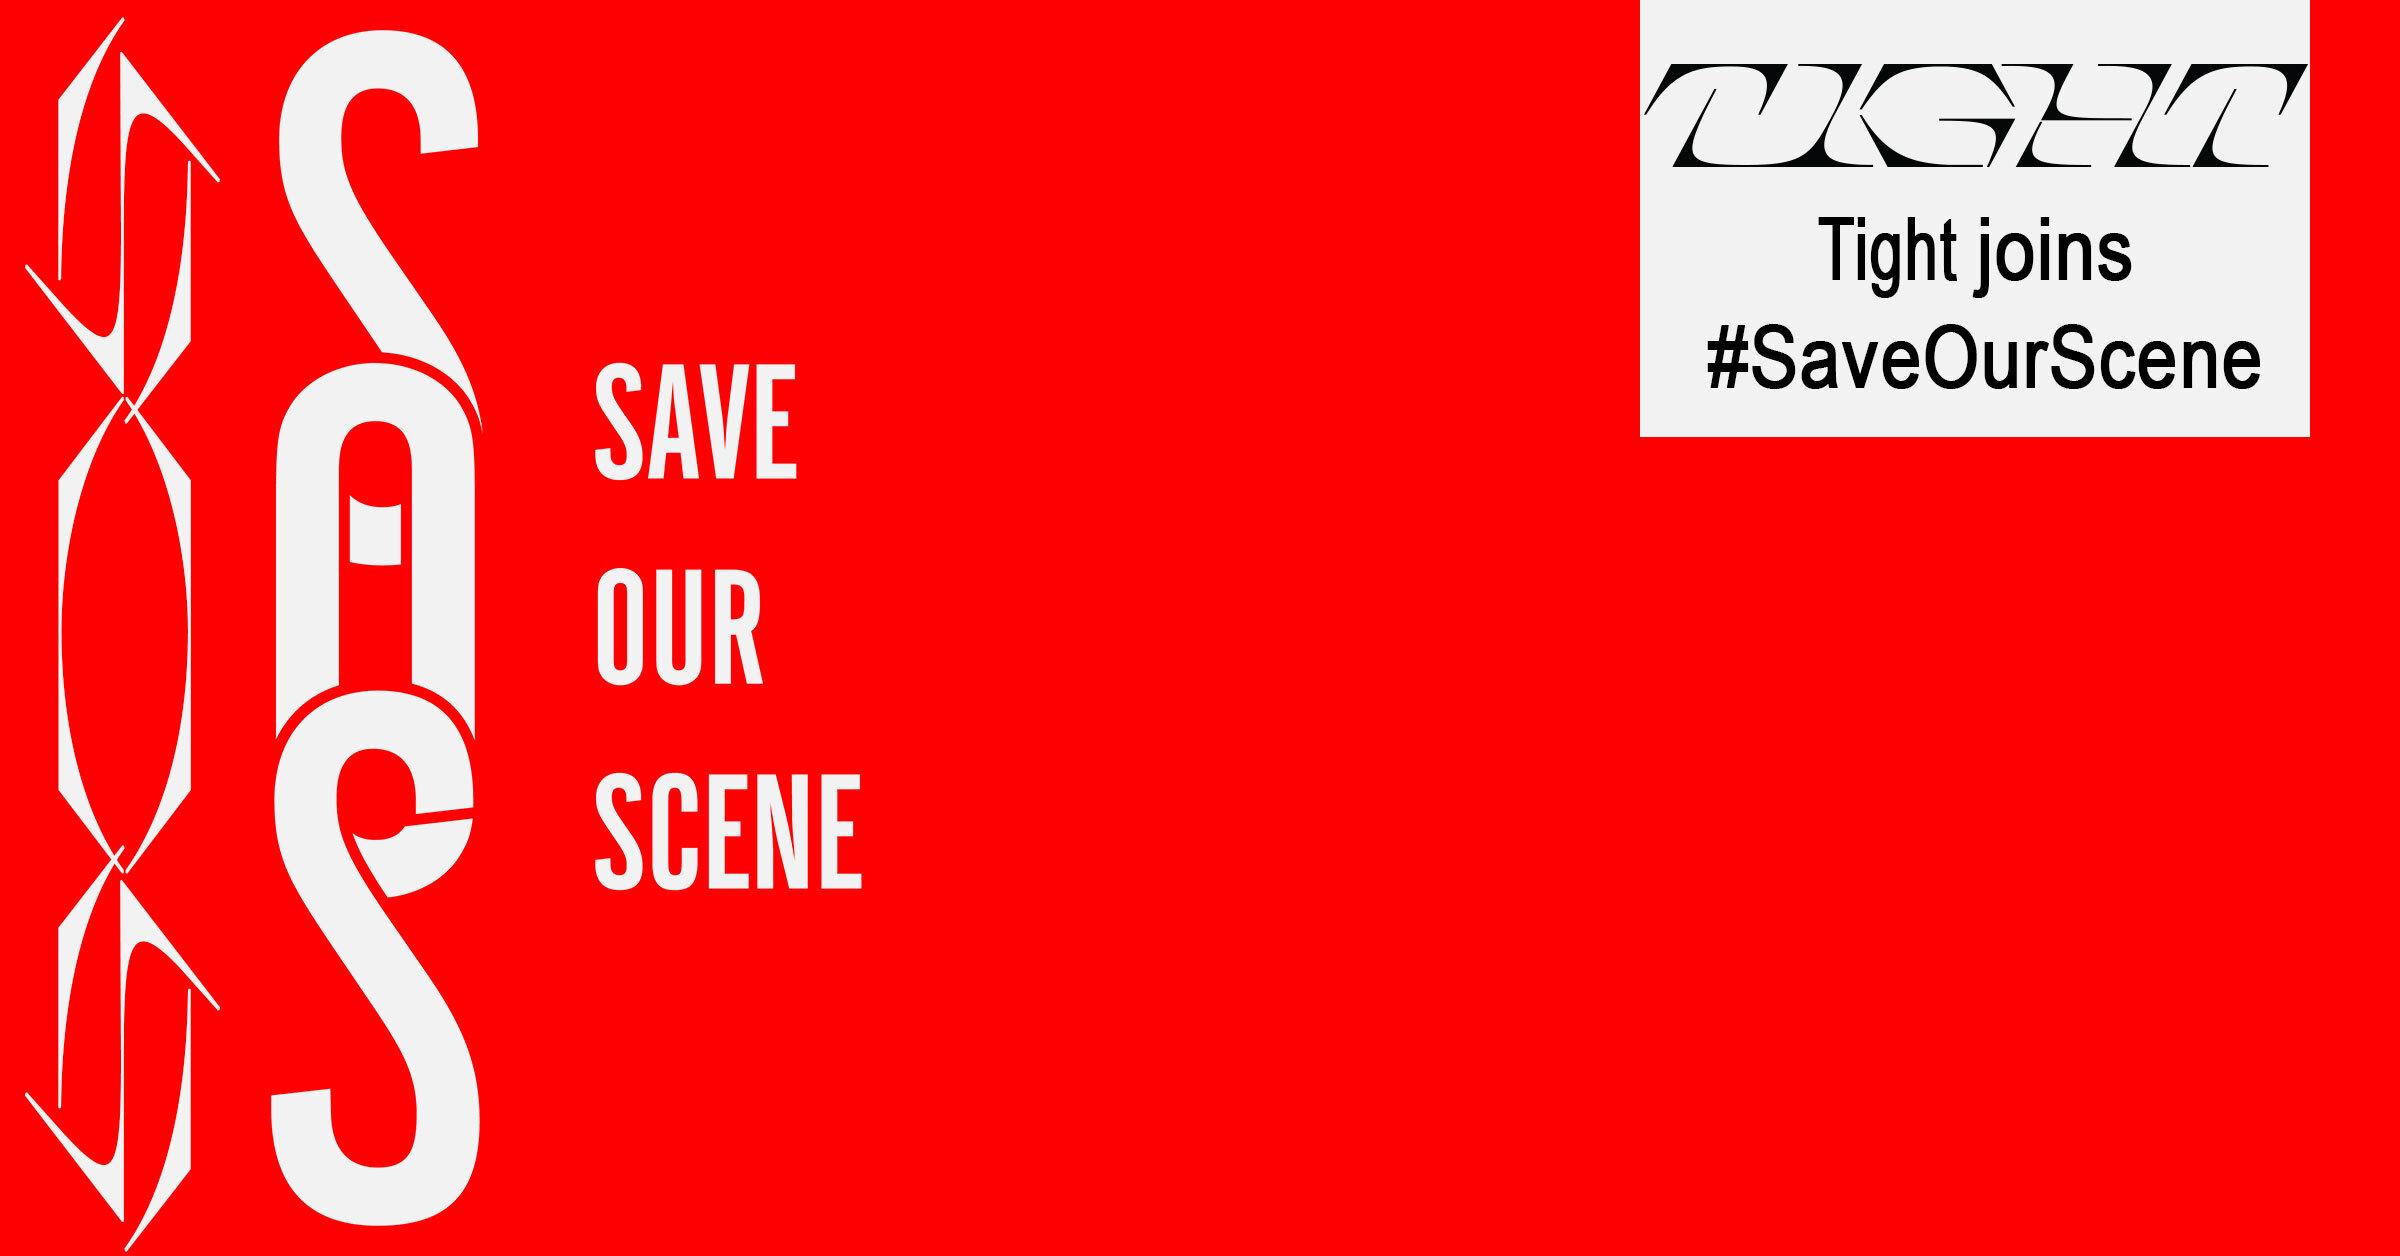 Журнал Tight приєднався до руху підтримки музикантів #SaveOurScene